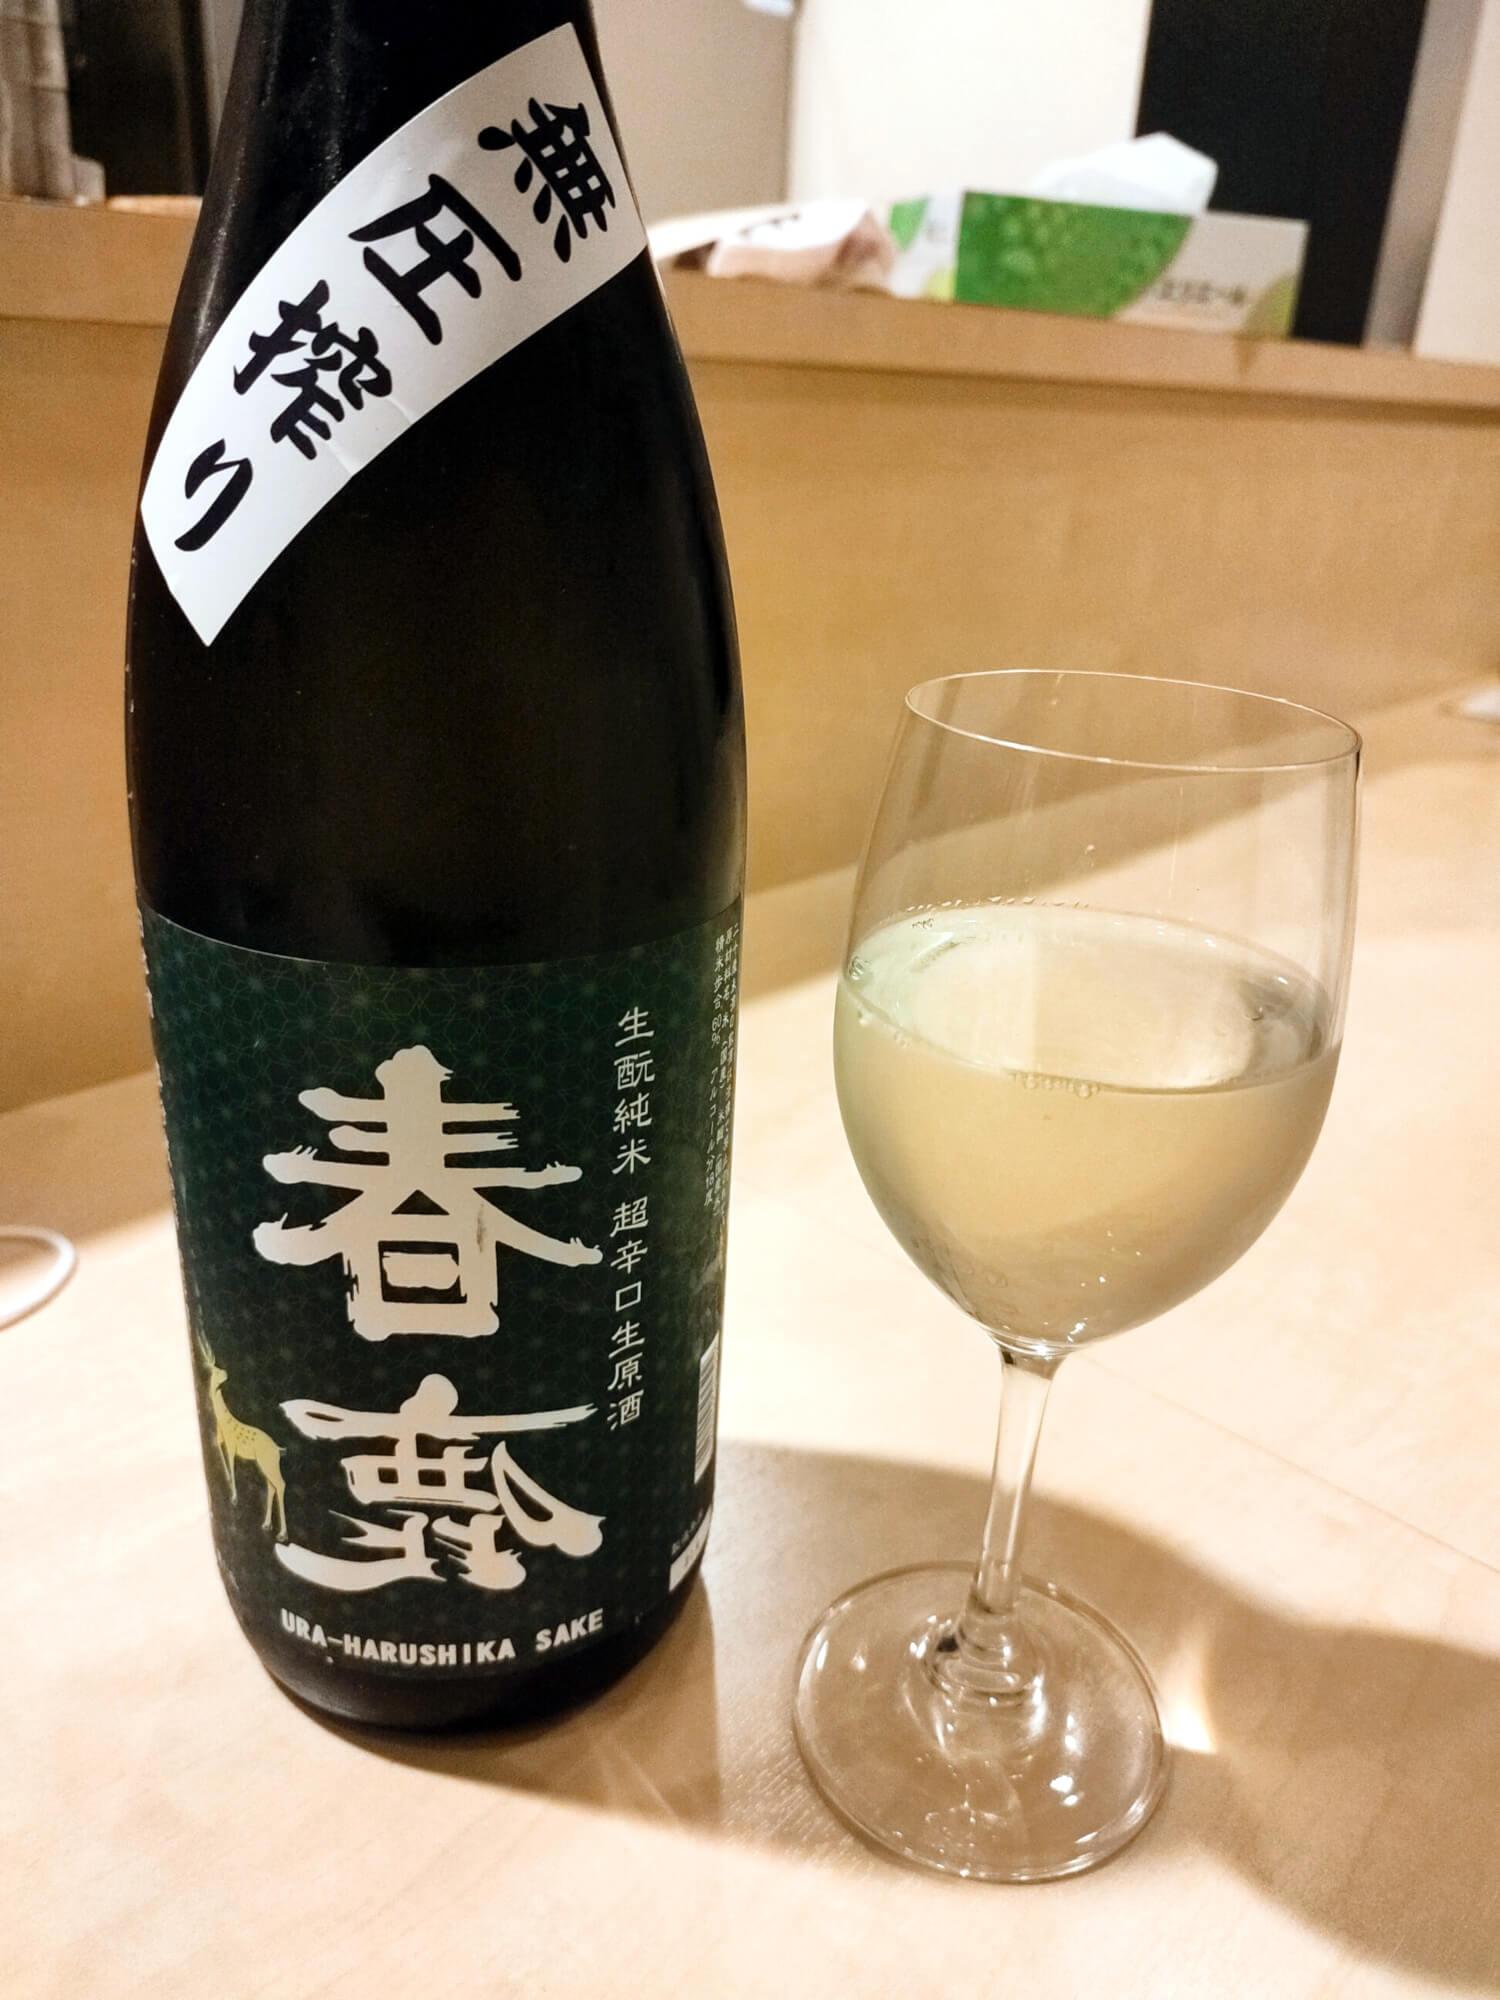 裏春鹿 生酛純米 超辛口生原酒